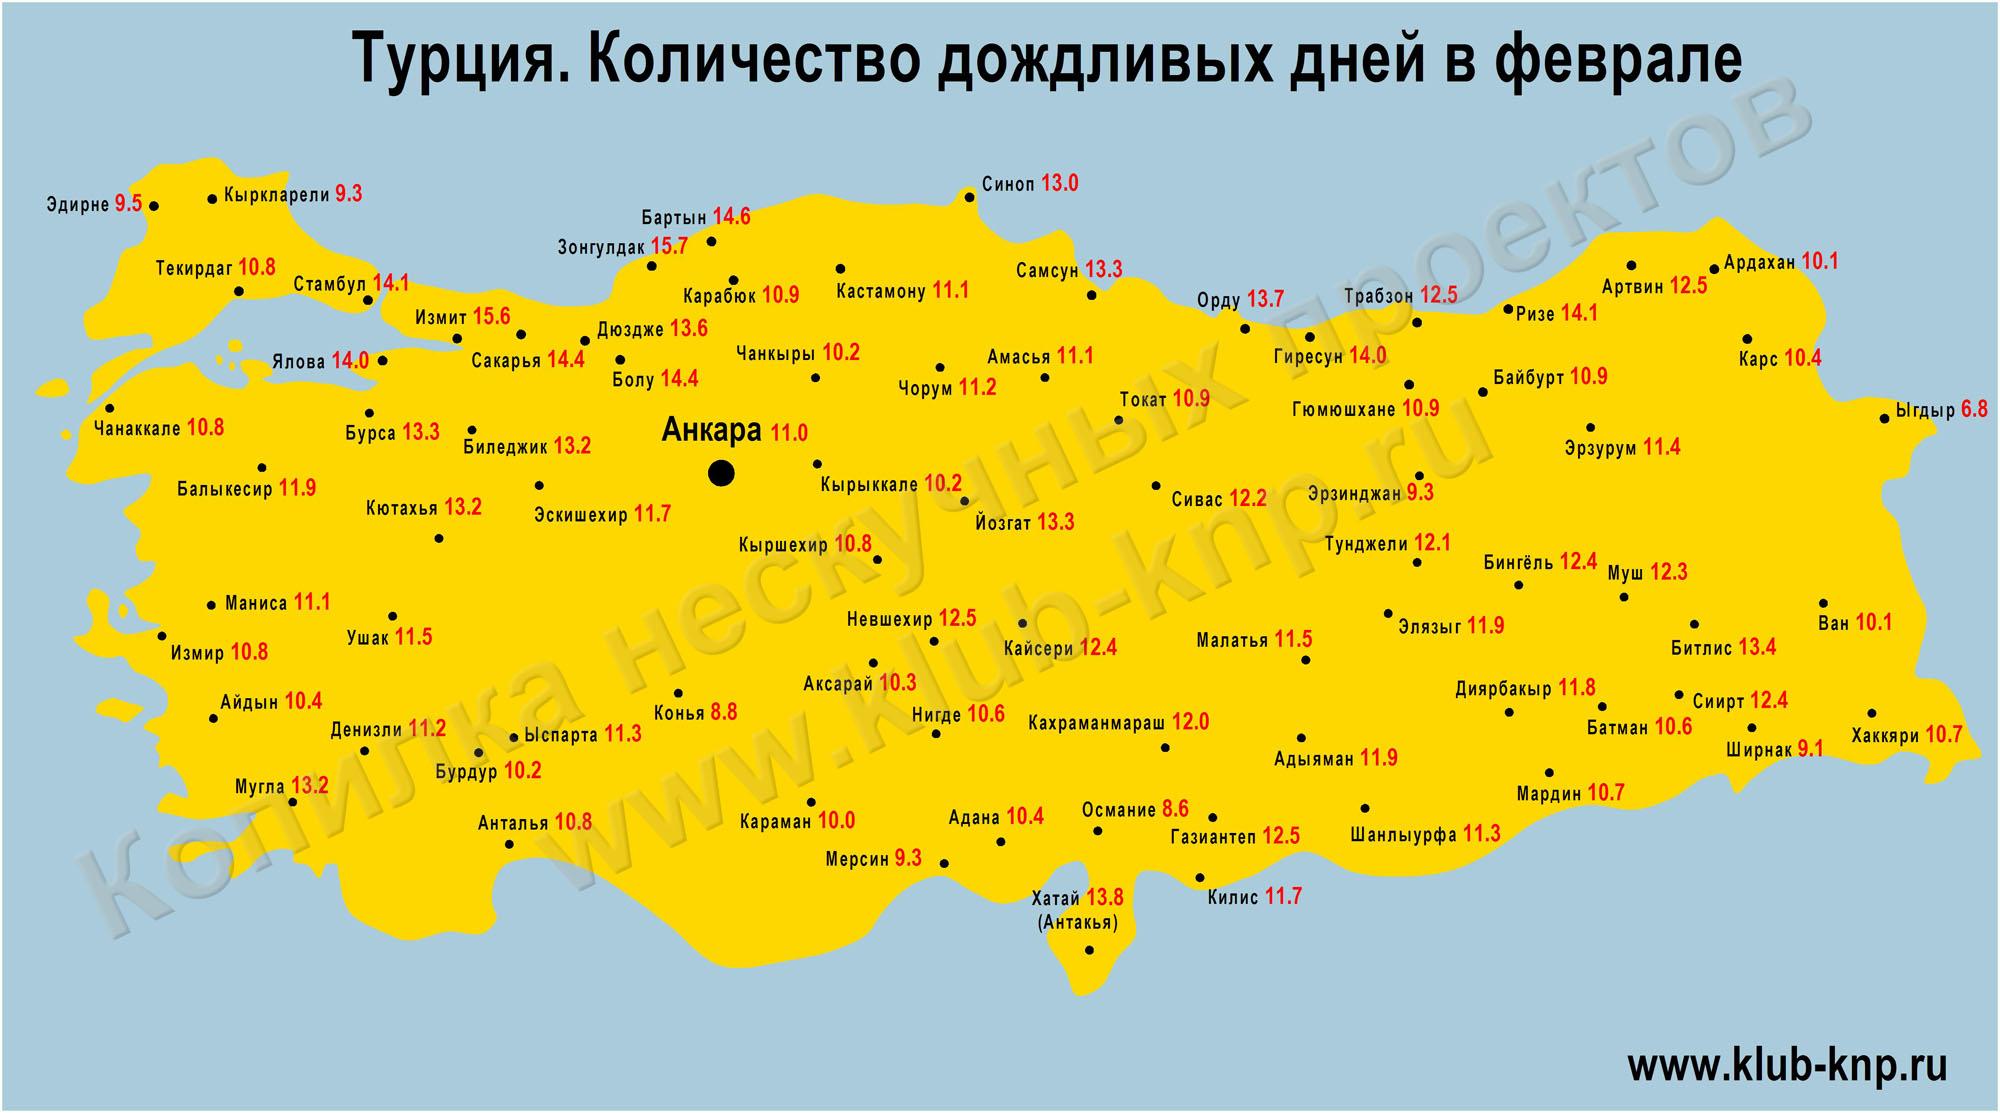 Аэропорты Турции аэропорт Анталия Анталья